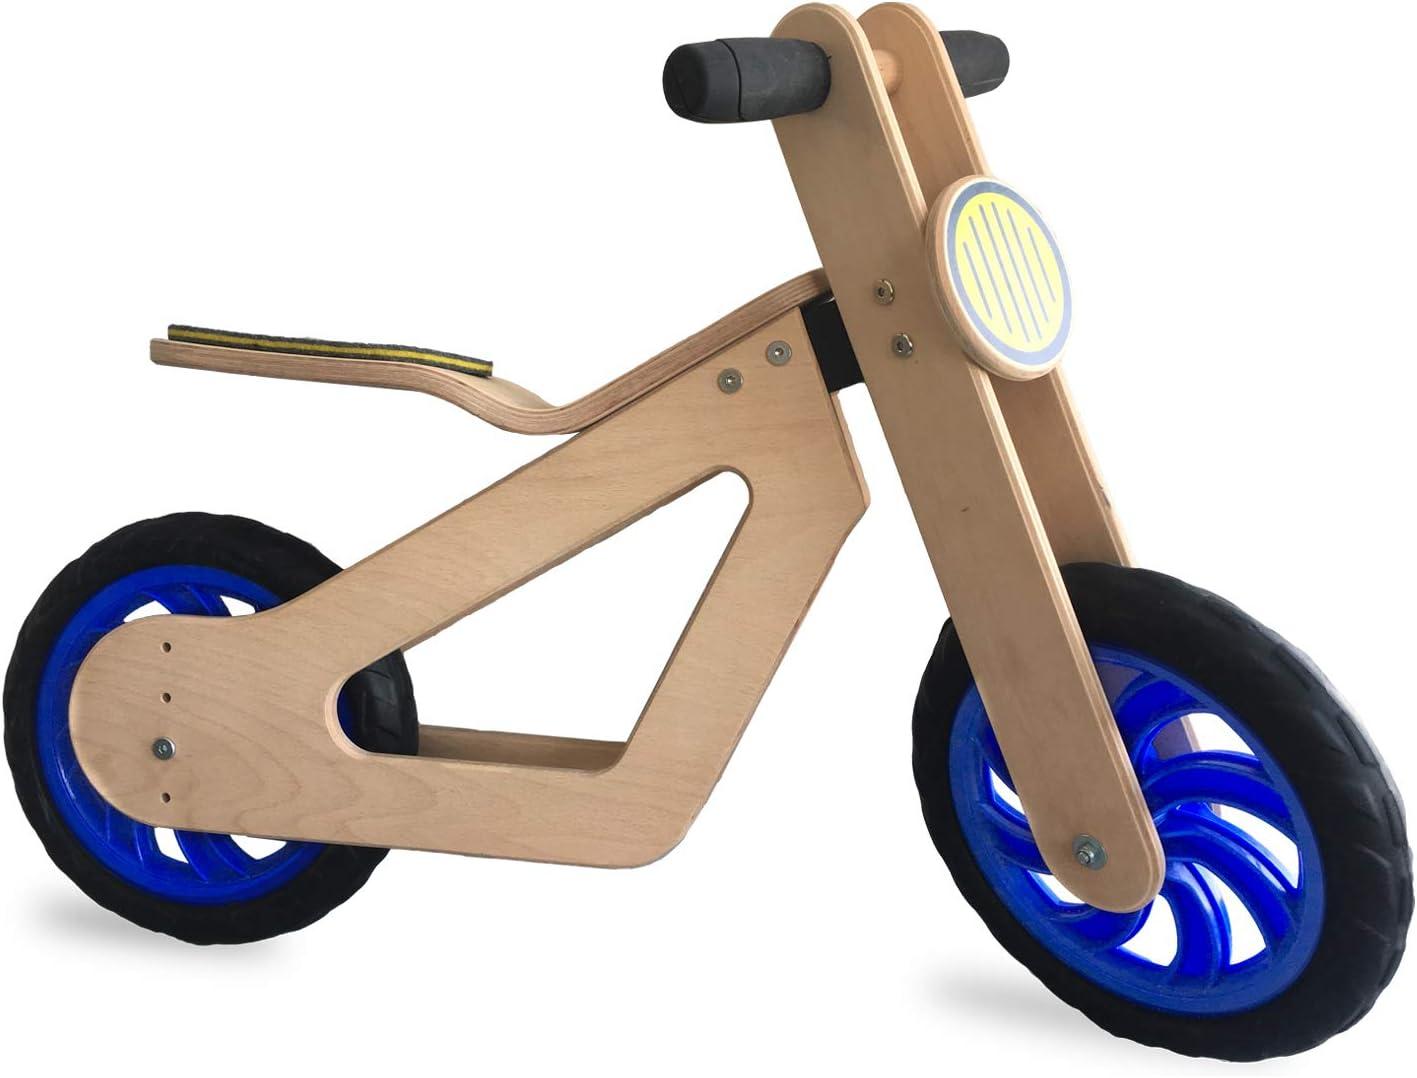 Mamatoyz - Balance Bike, Bicicleta Bebé de Equilibrio de Madera Natural, Para Niños a Partir de 24 Meses | Bicicleta Equilibro Para Niños de Madera 2 Años